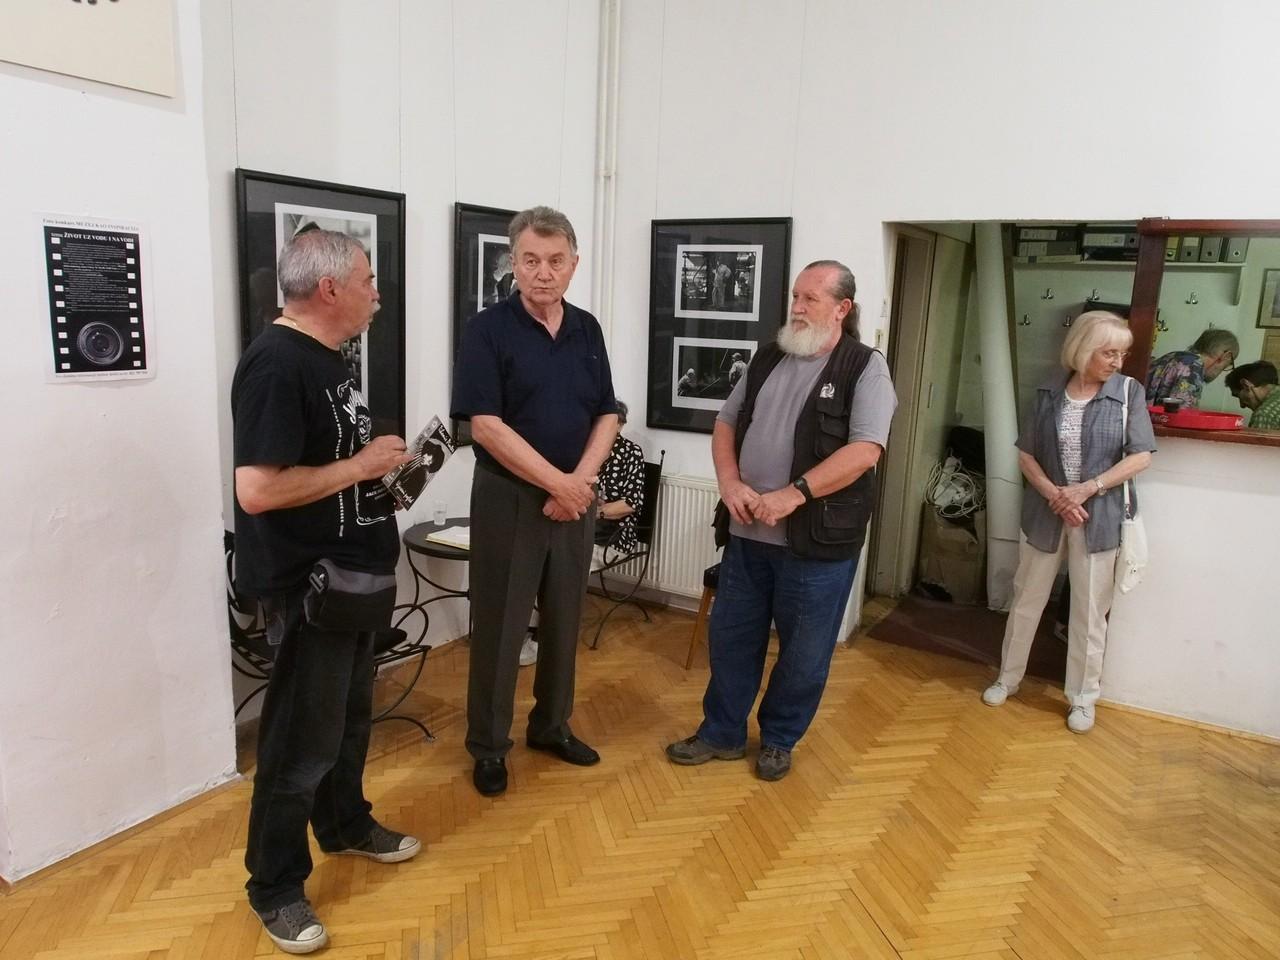 Personala Rjako R. Karisic din Belgrad, vernsată în Galeria FKVSV din Novi Sad (Serbia) în cadrul Festivalului Fotografiei Europene